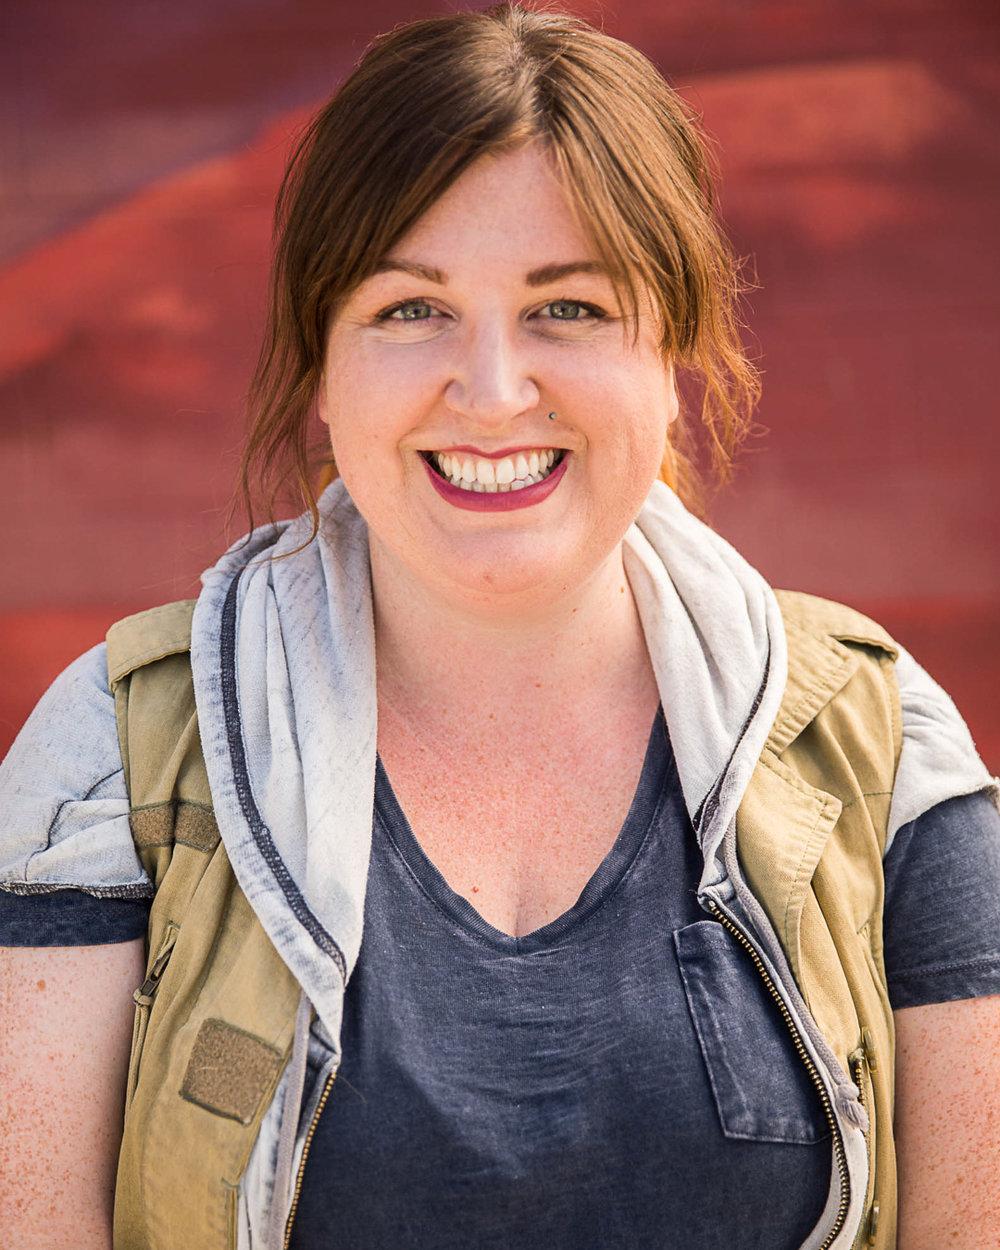 <b>Kristen  Lavelett</b><br>Vice President